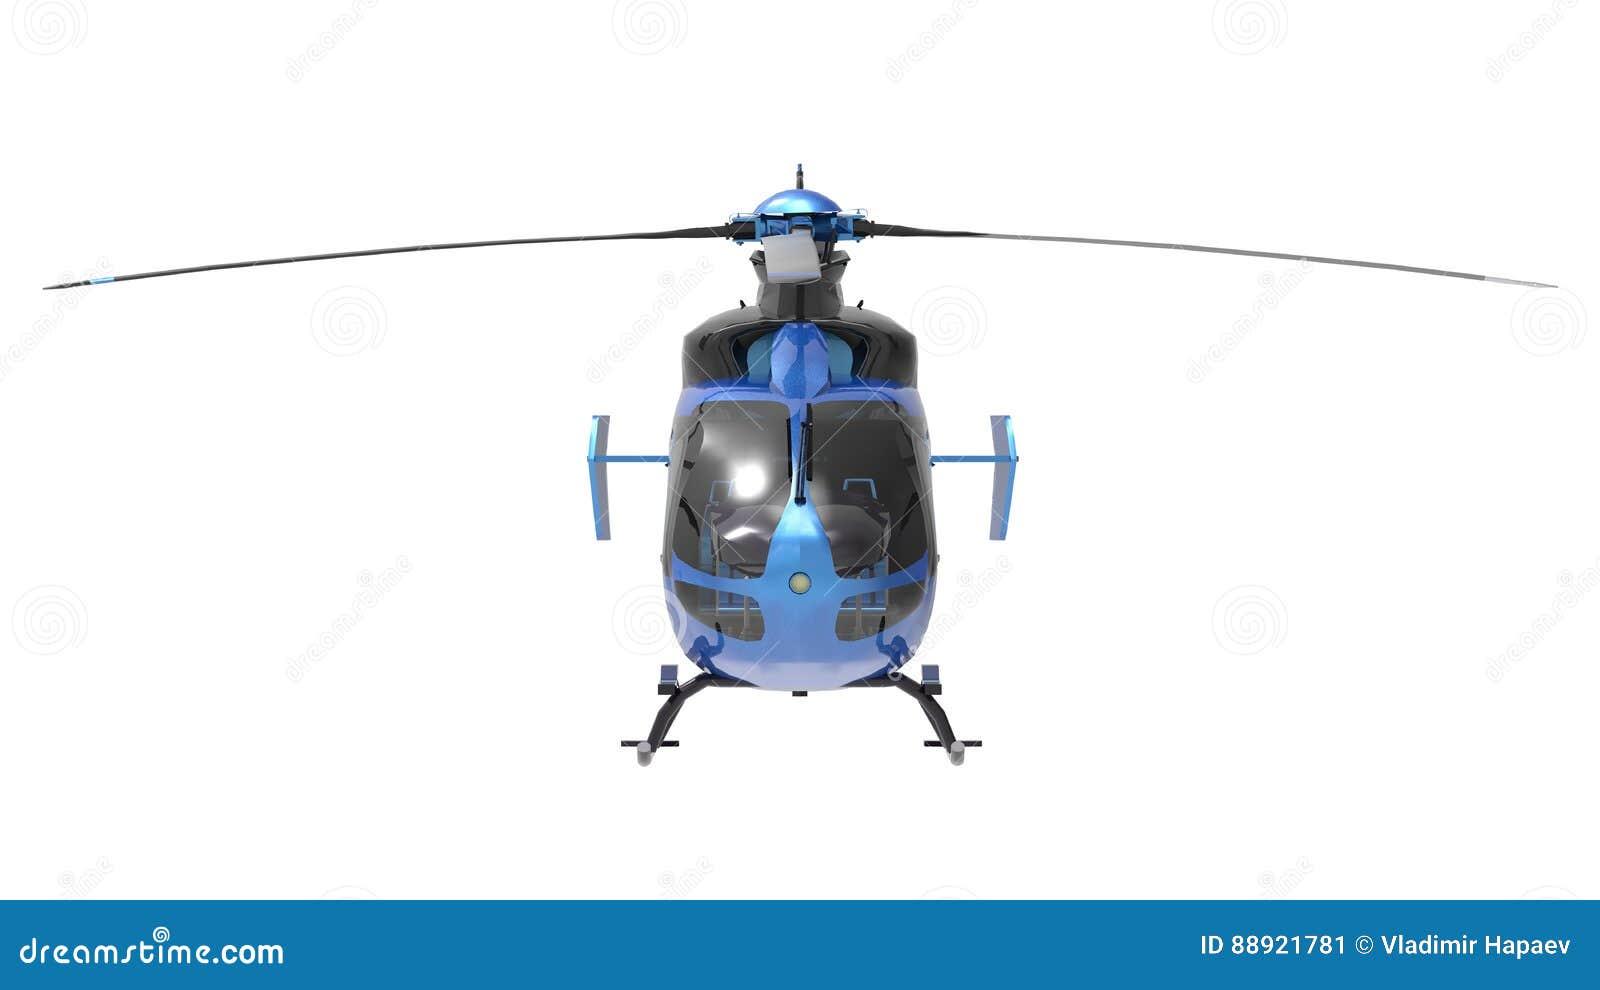 Elicottero 3d Model : Elicottero giallo isolato su sfondo bianco illustrazione d